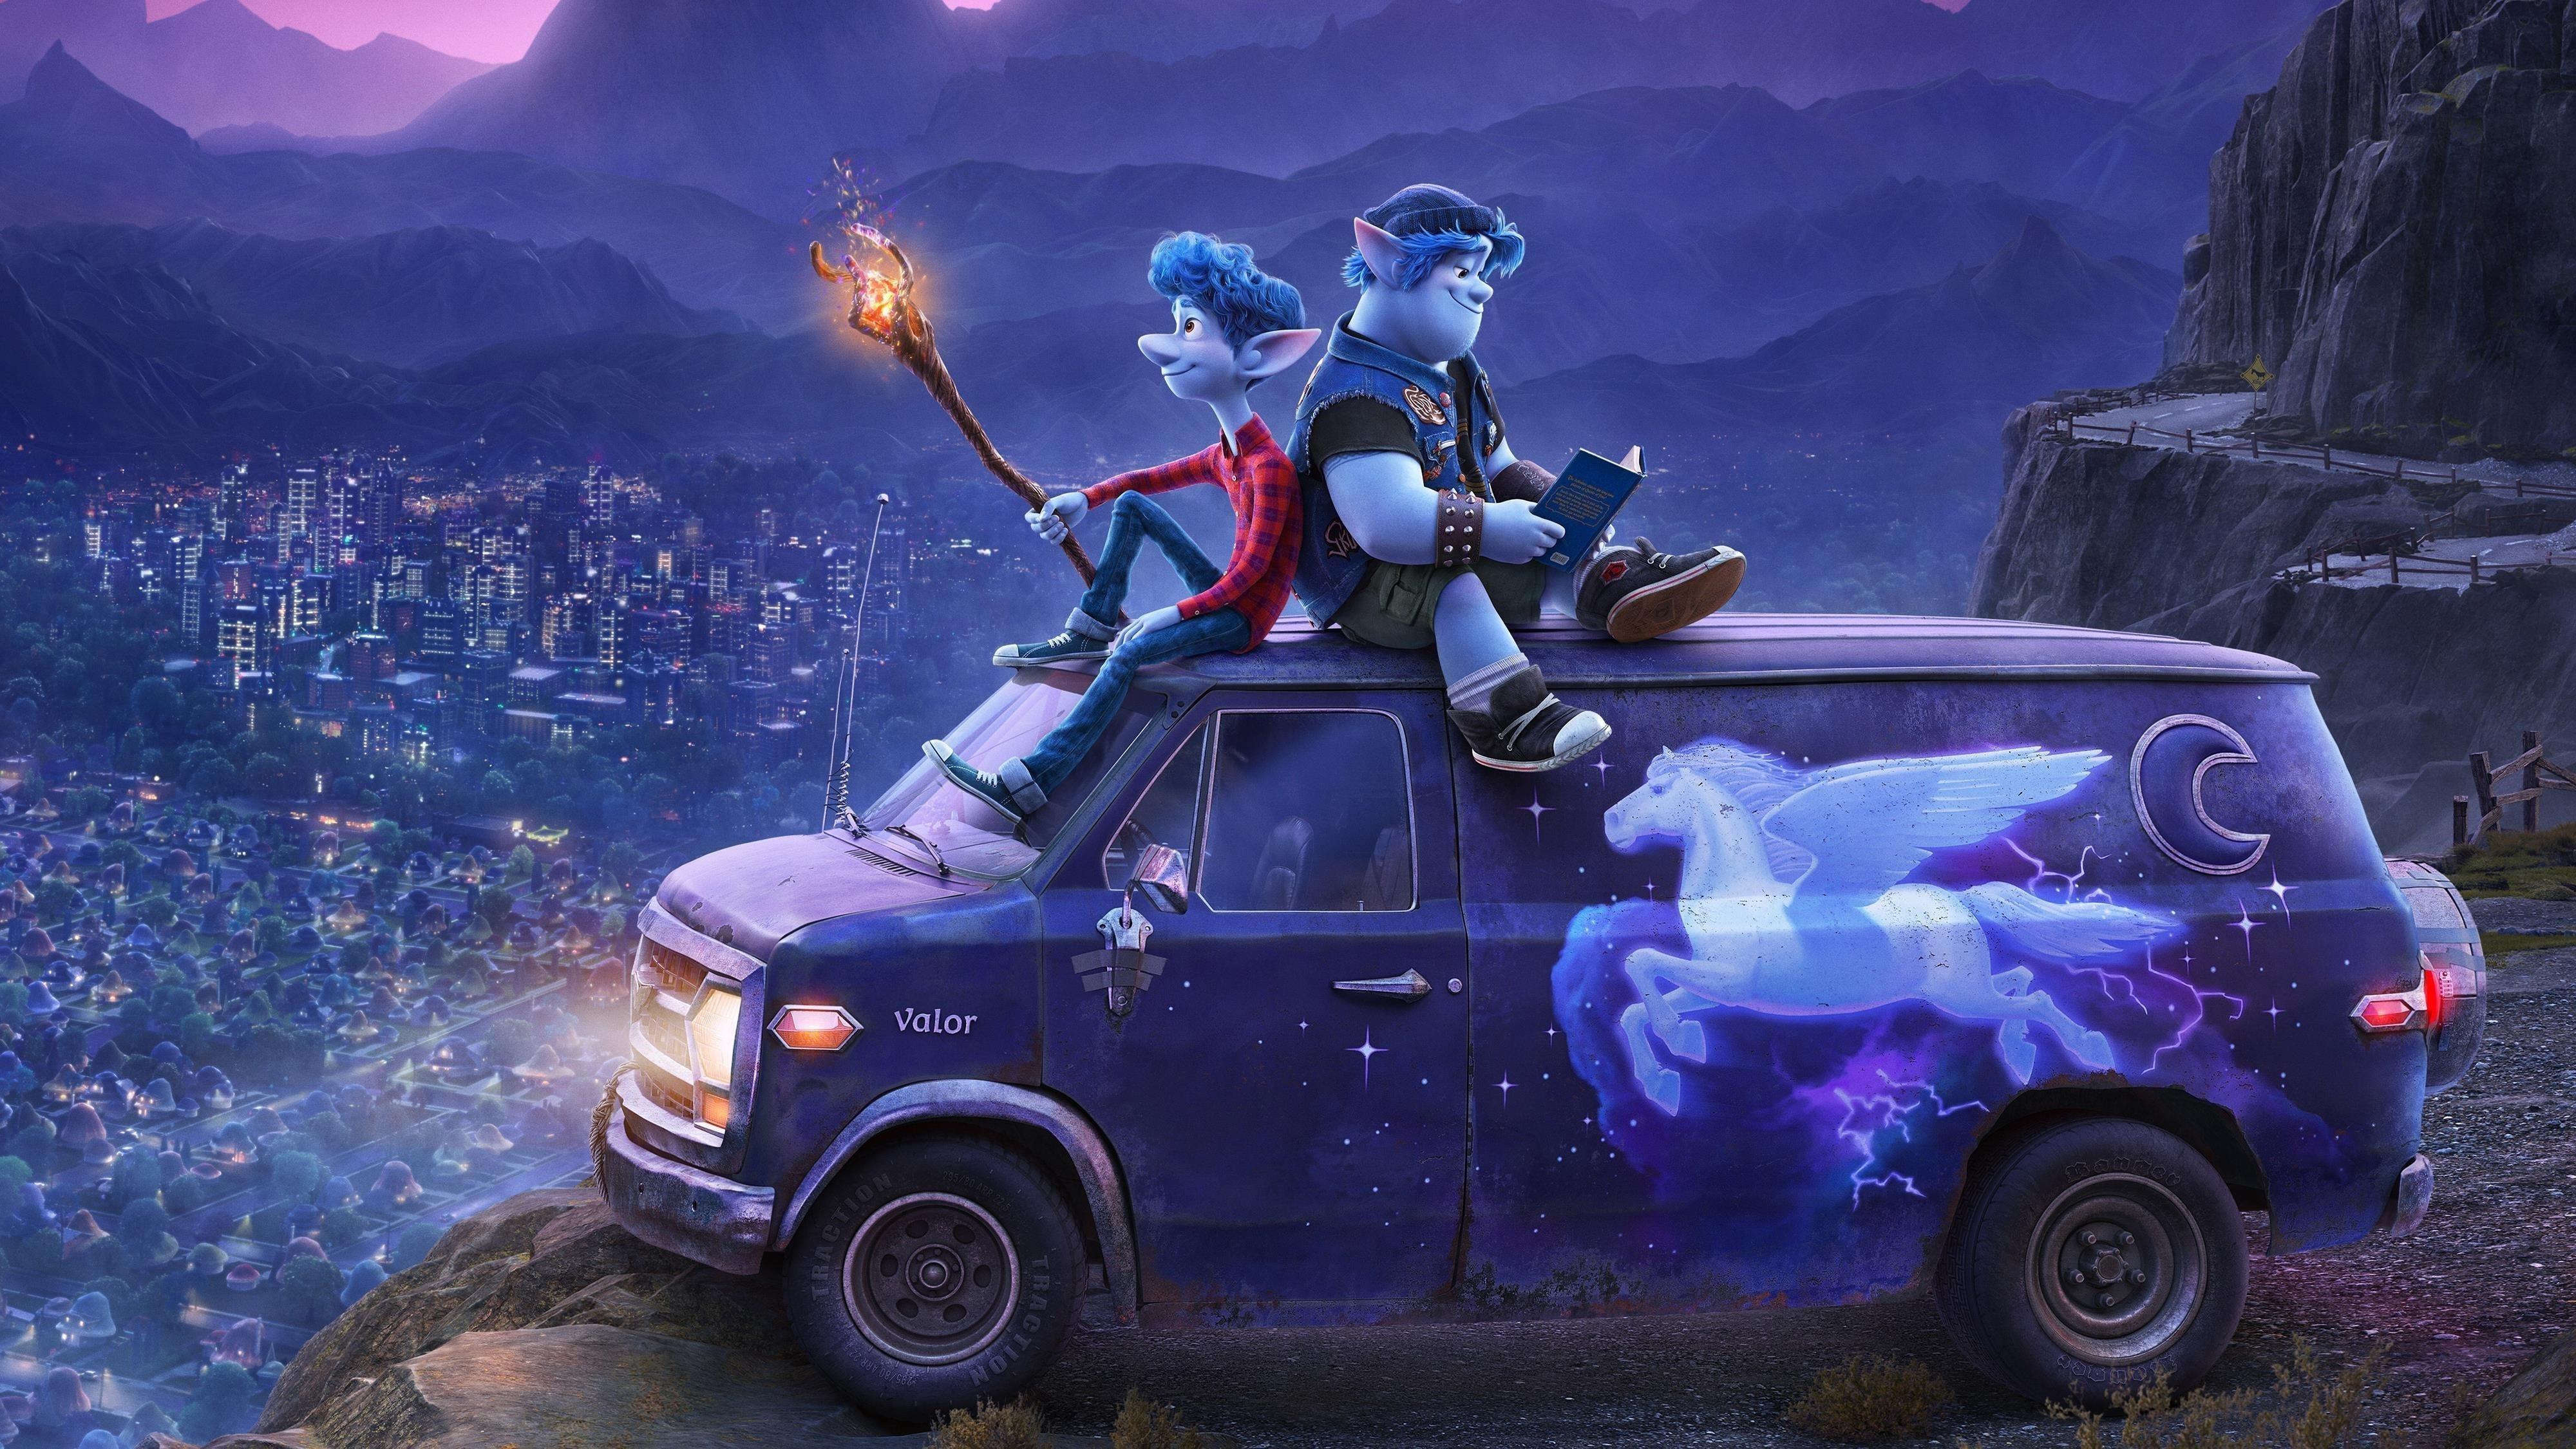 Вперед 2020 анимация pixar обои скачать